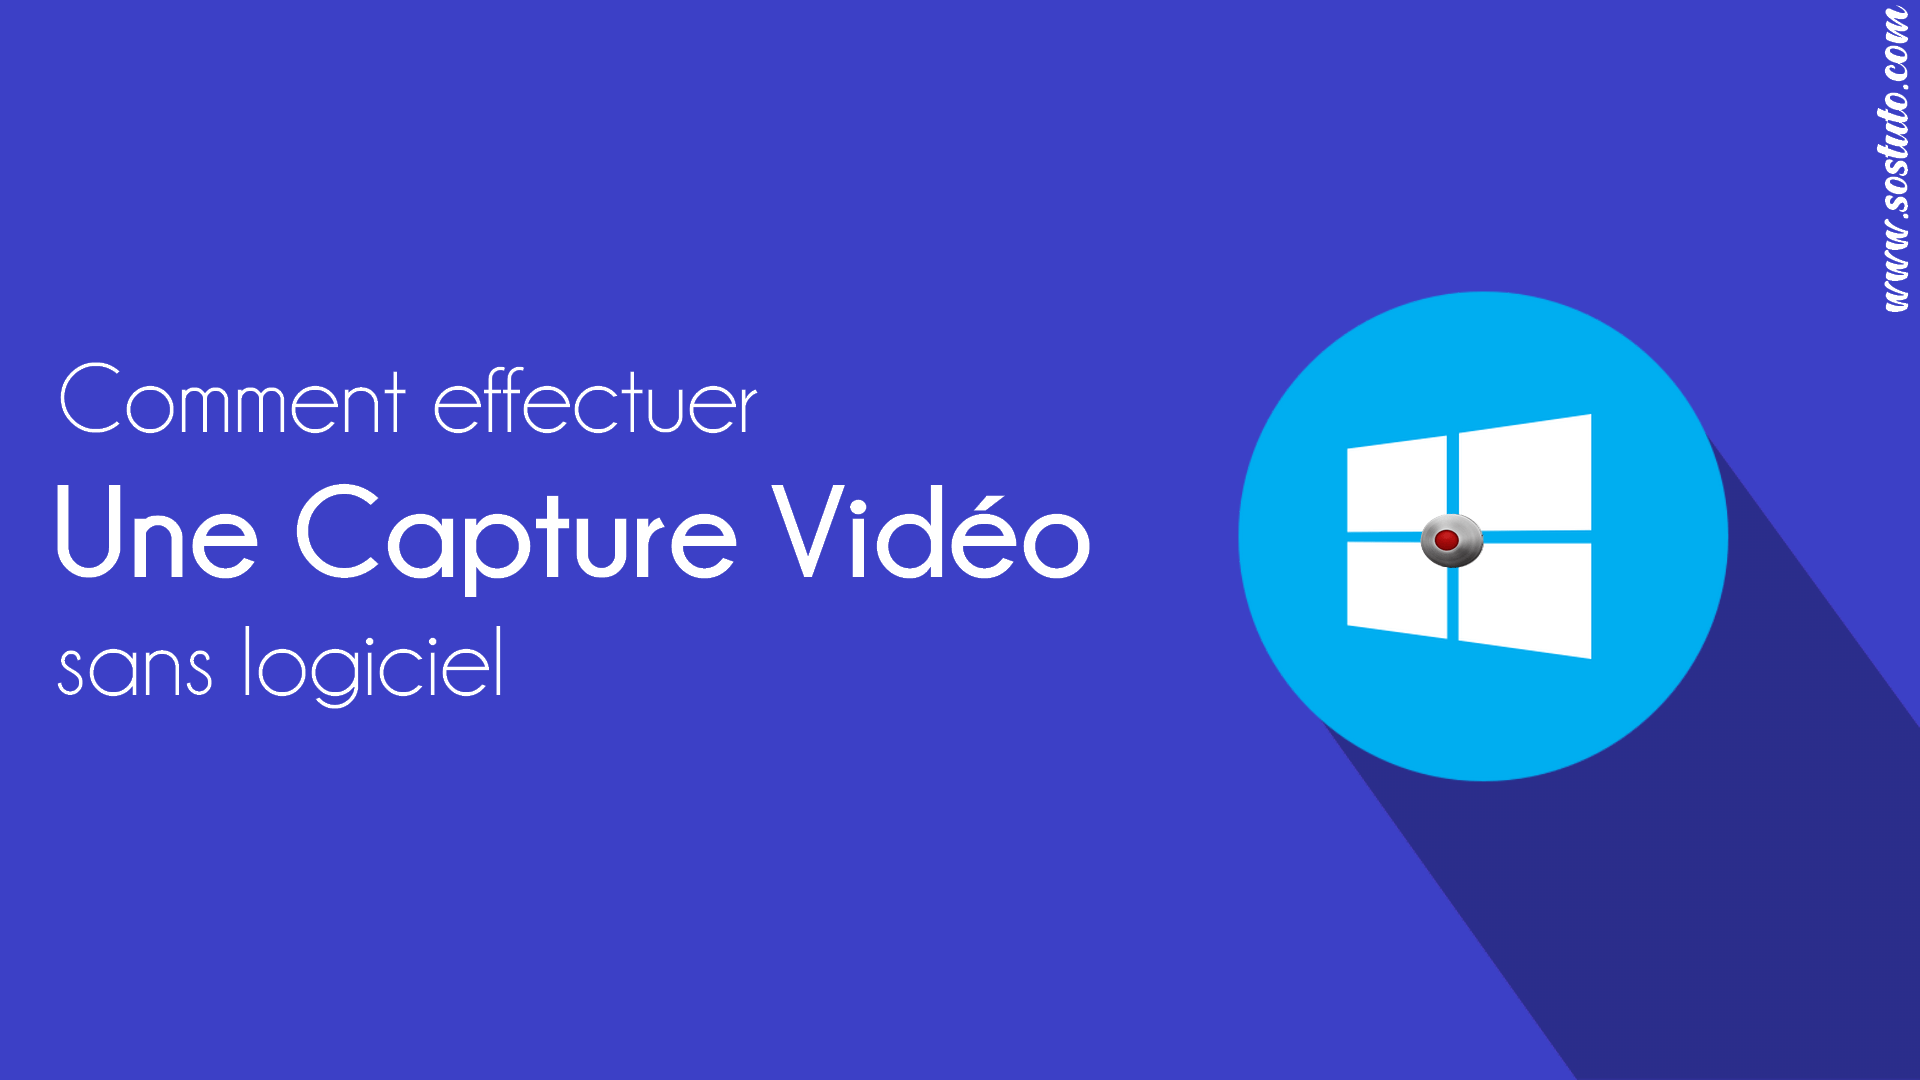 capture video windows 10 Comment effectuer une capture vidéo d'écran sur Windows 10 (sans logiciel)